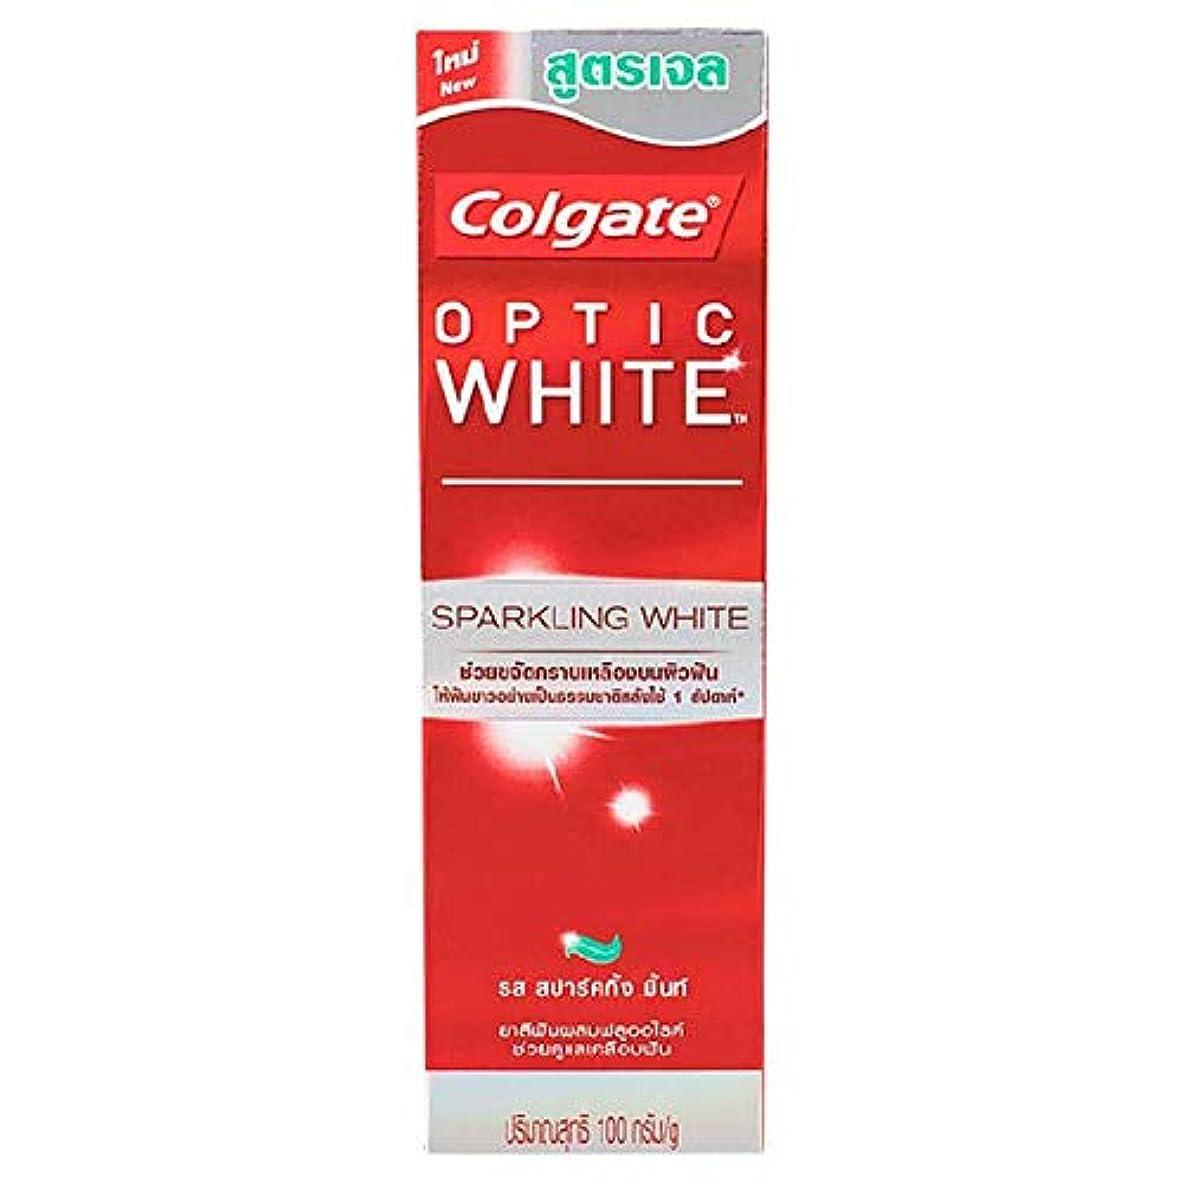 にじみ出る二年生難破船(コルゲート)Colgate 歯磨き粉 「オプティック ホワイト 」 (スパークリングホワイト)